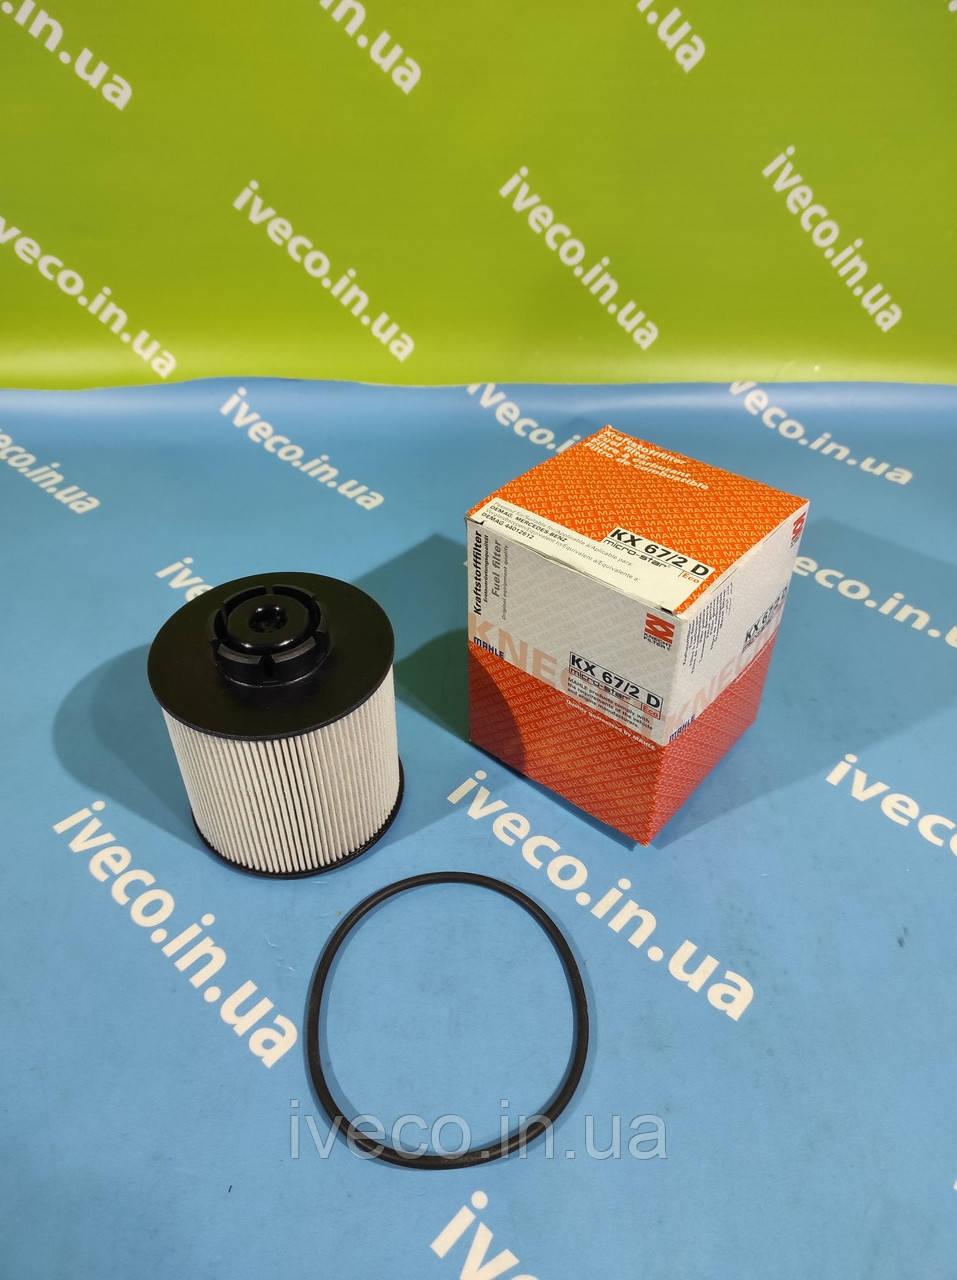 Топливный фильтр MERCEDES ATEGO AXOR 9060920505 9060920305 9060920205 9060920105 9060900051 PU 1046/1 X